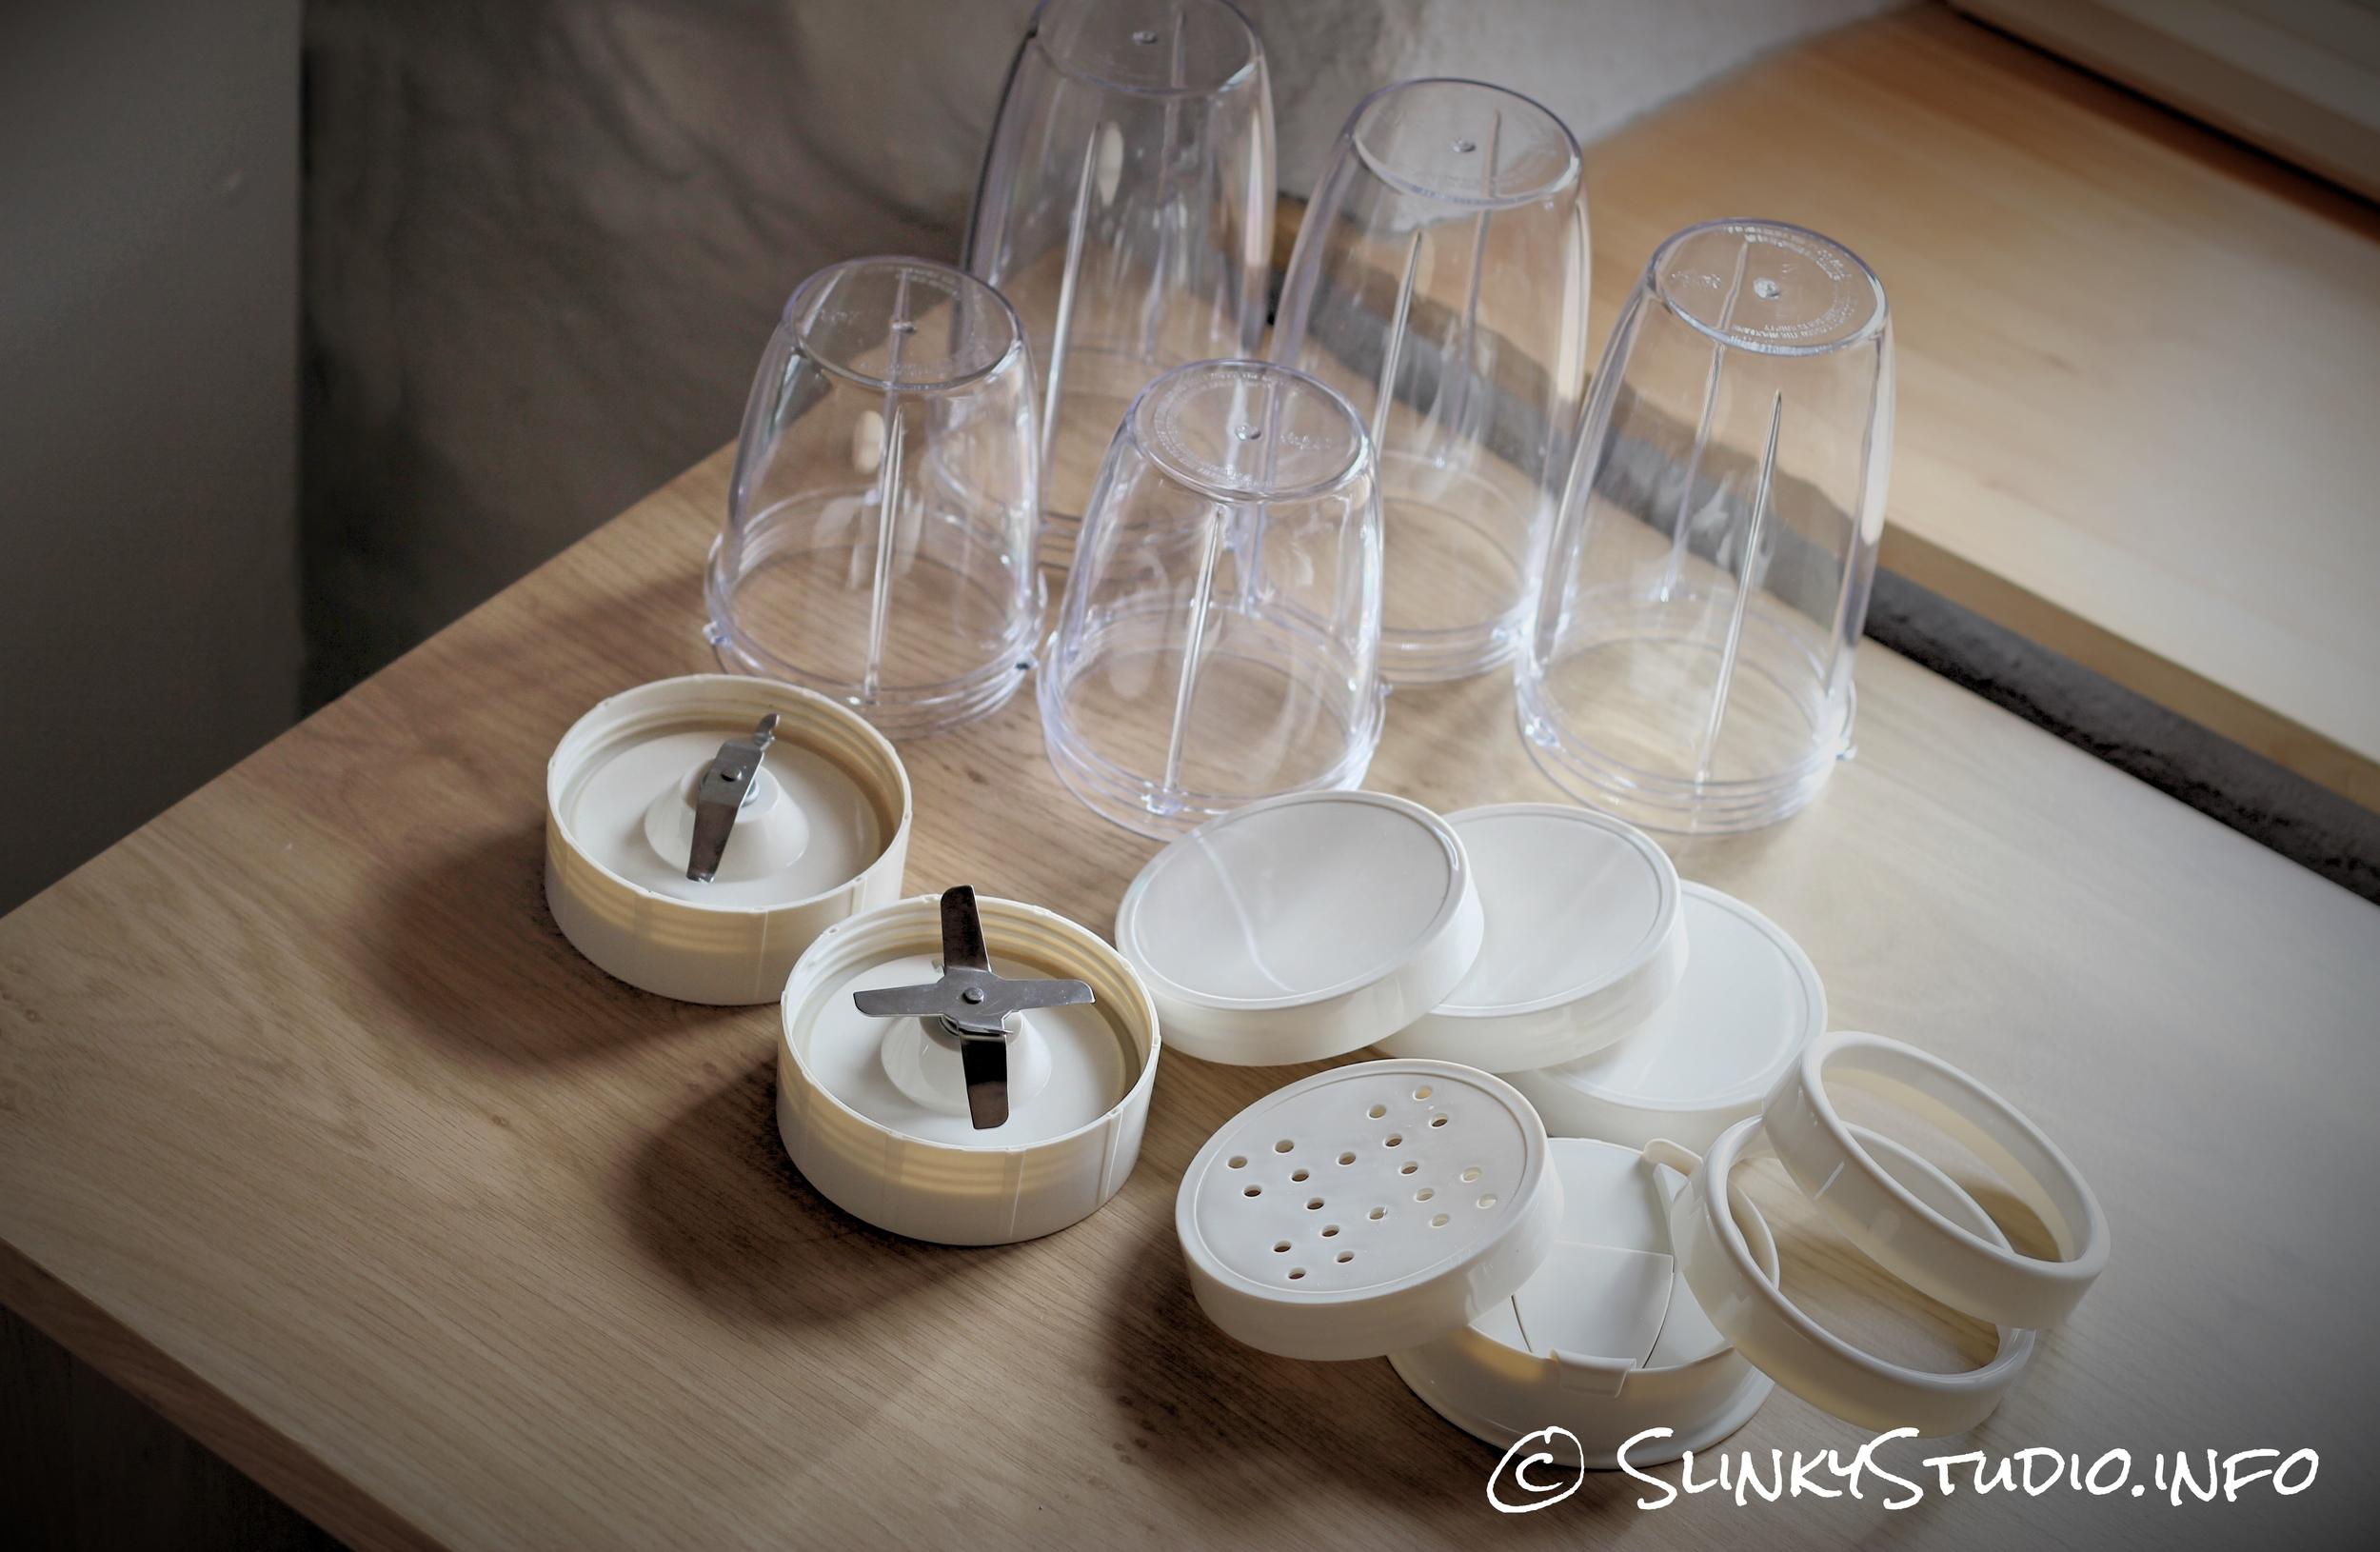 Retro Super Blend Blender Jars and Lids